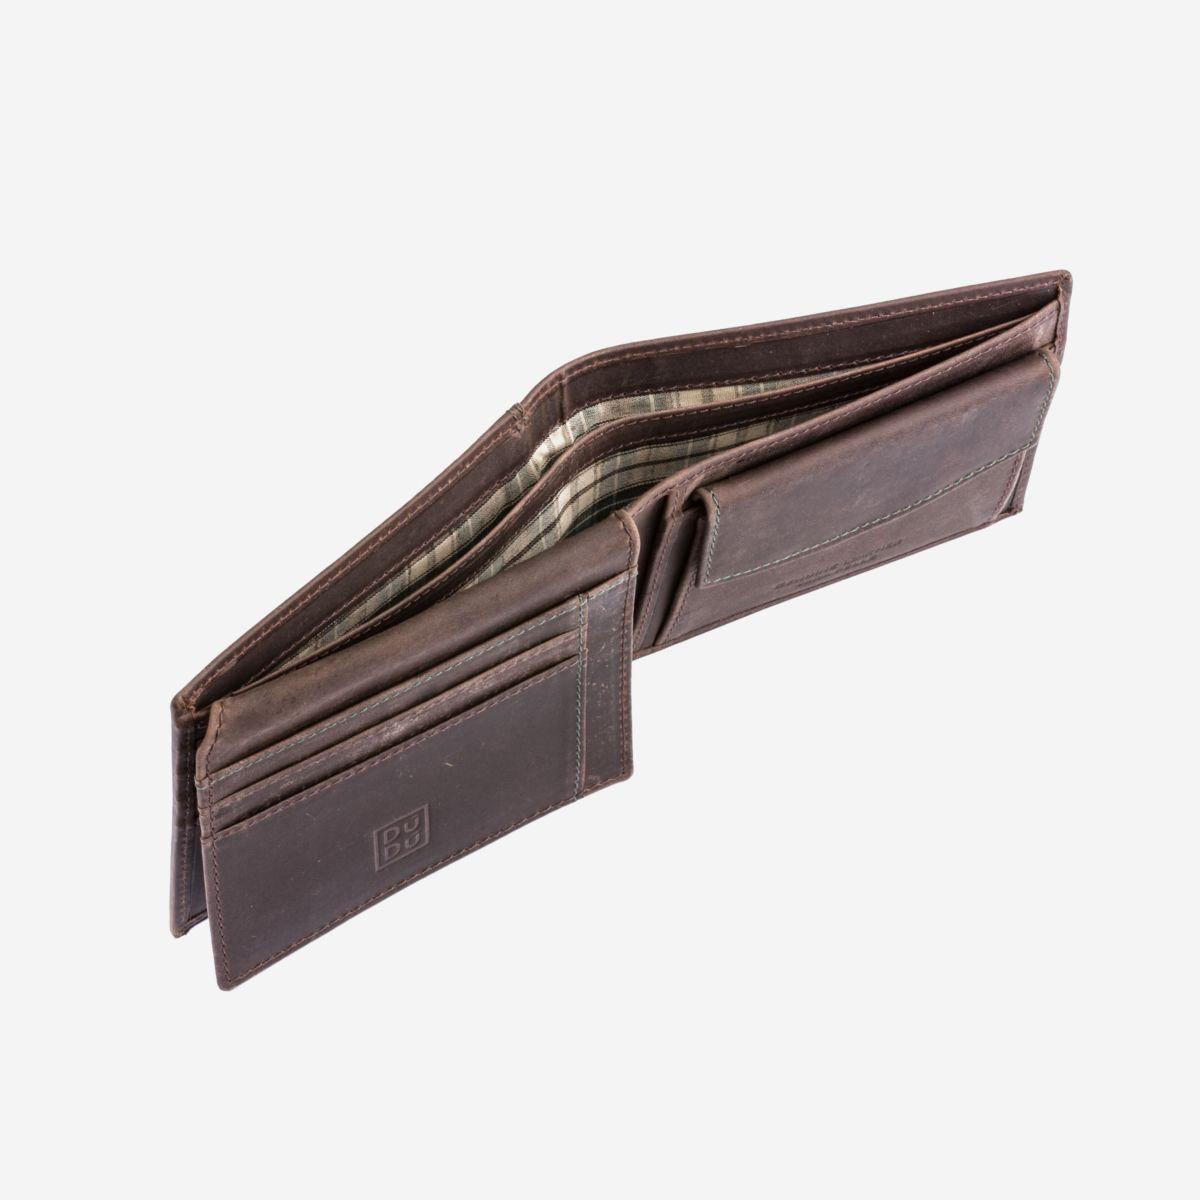 DuDu ארנק עור במראה וינטג עם תא למטבעות - חום כהה